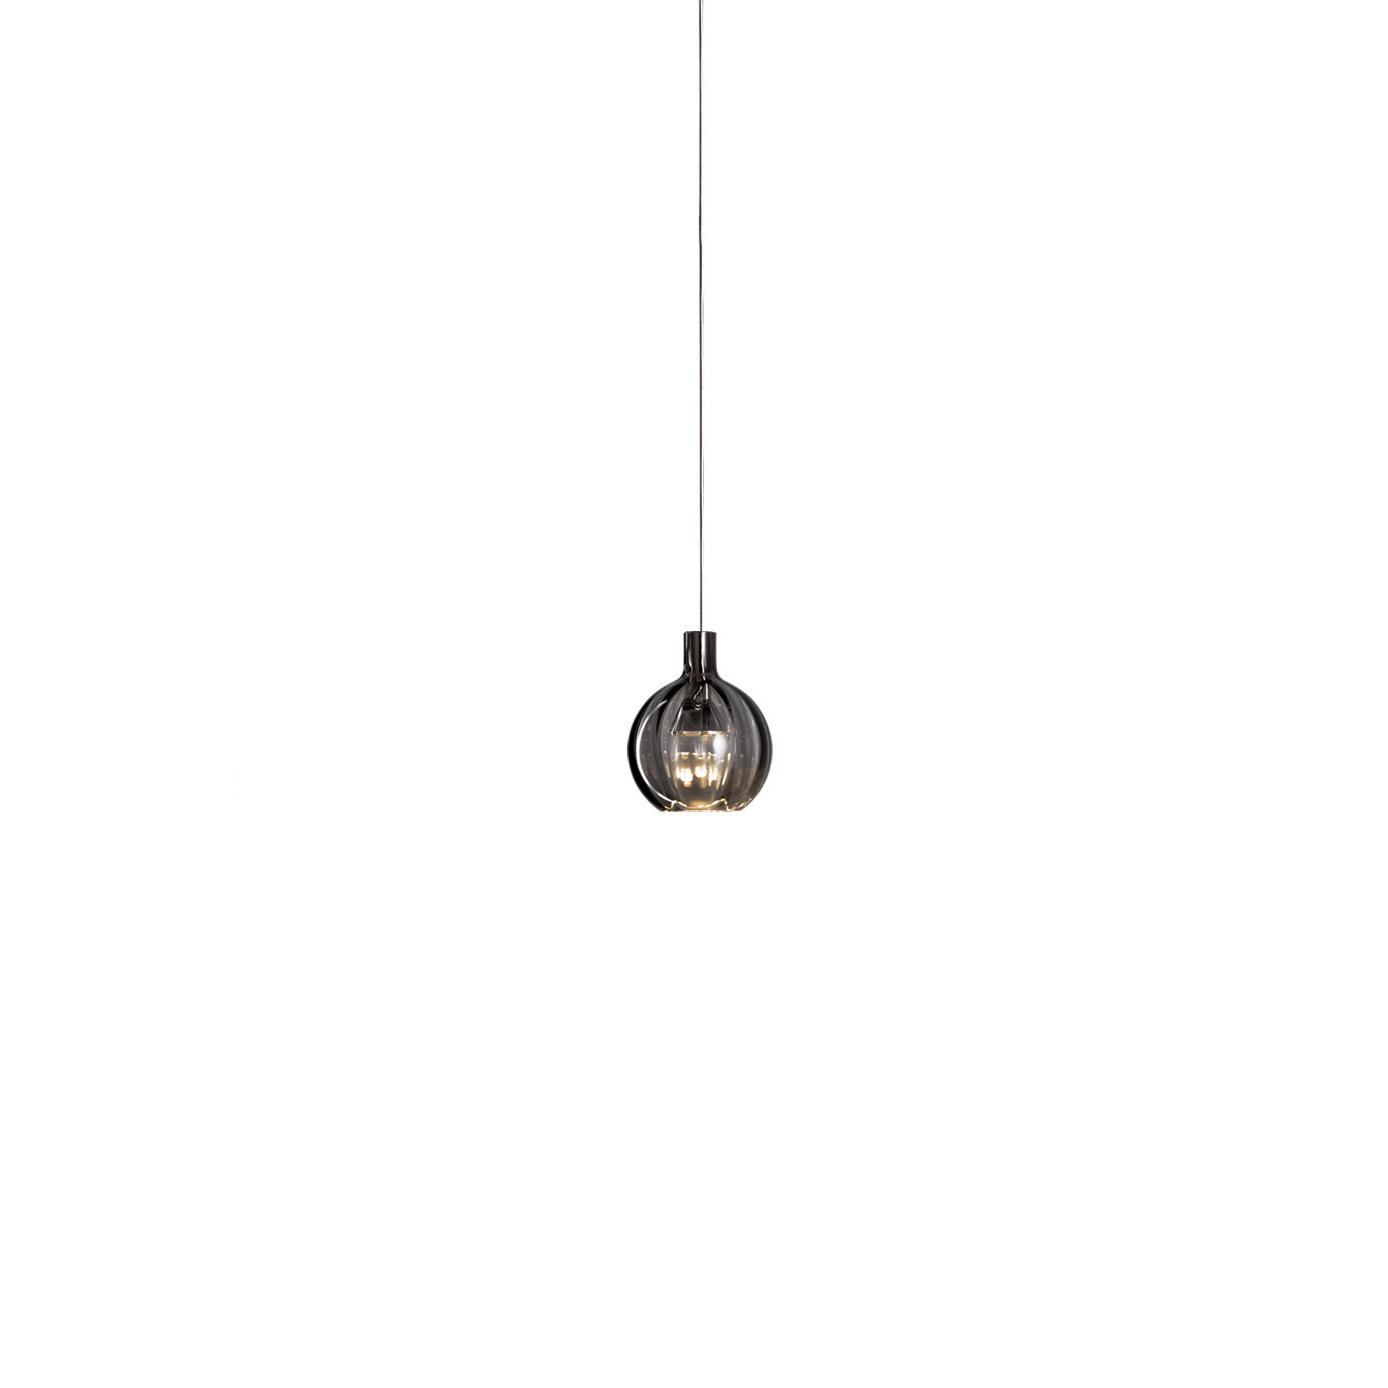 STENG LICHT GmbH Steng LED-Pendelleuchte GLORI-A K Kristallglas X1010-NG-GGA-K